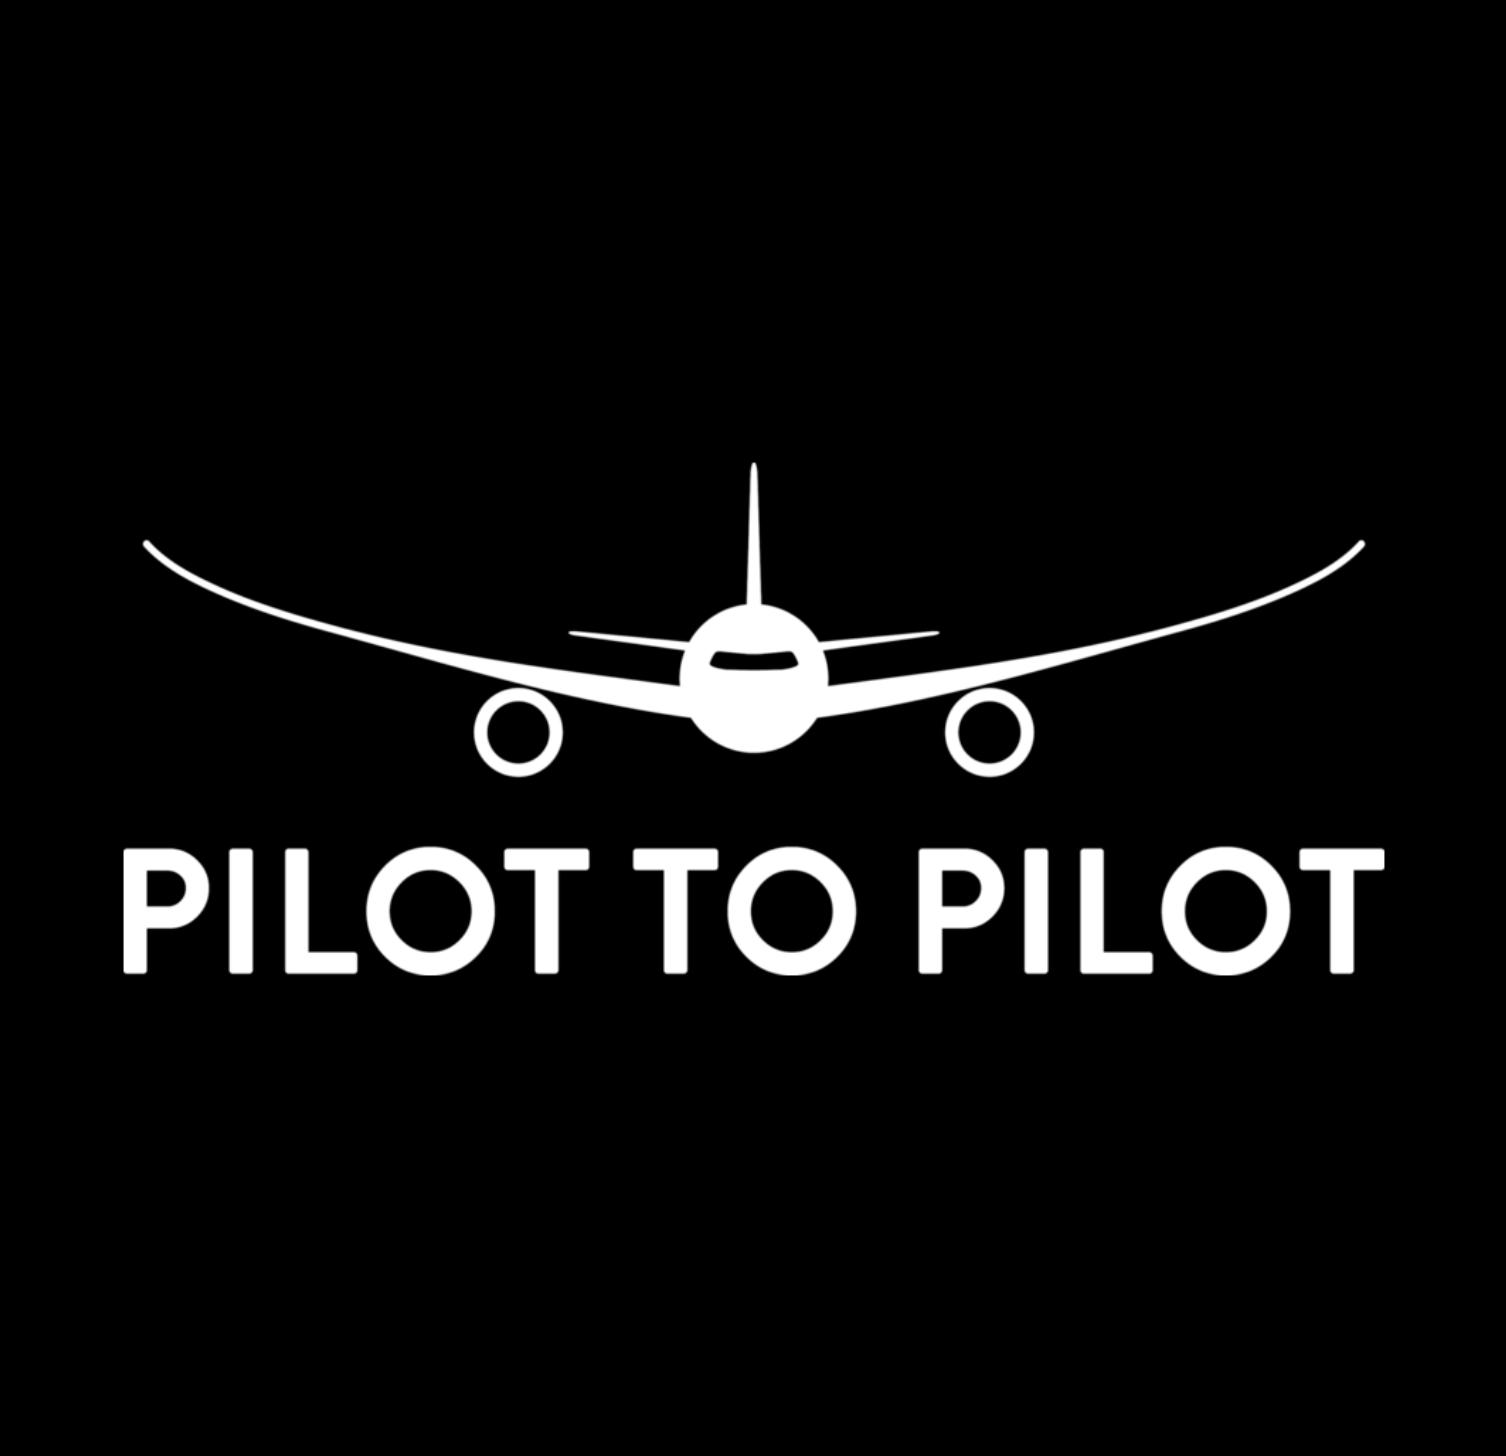 Pilot to Pilot - Aviation Podcast show art